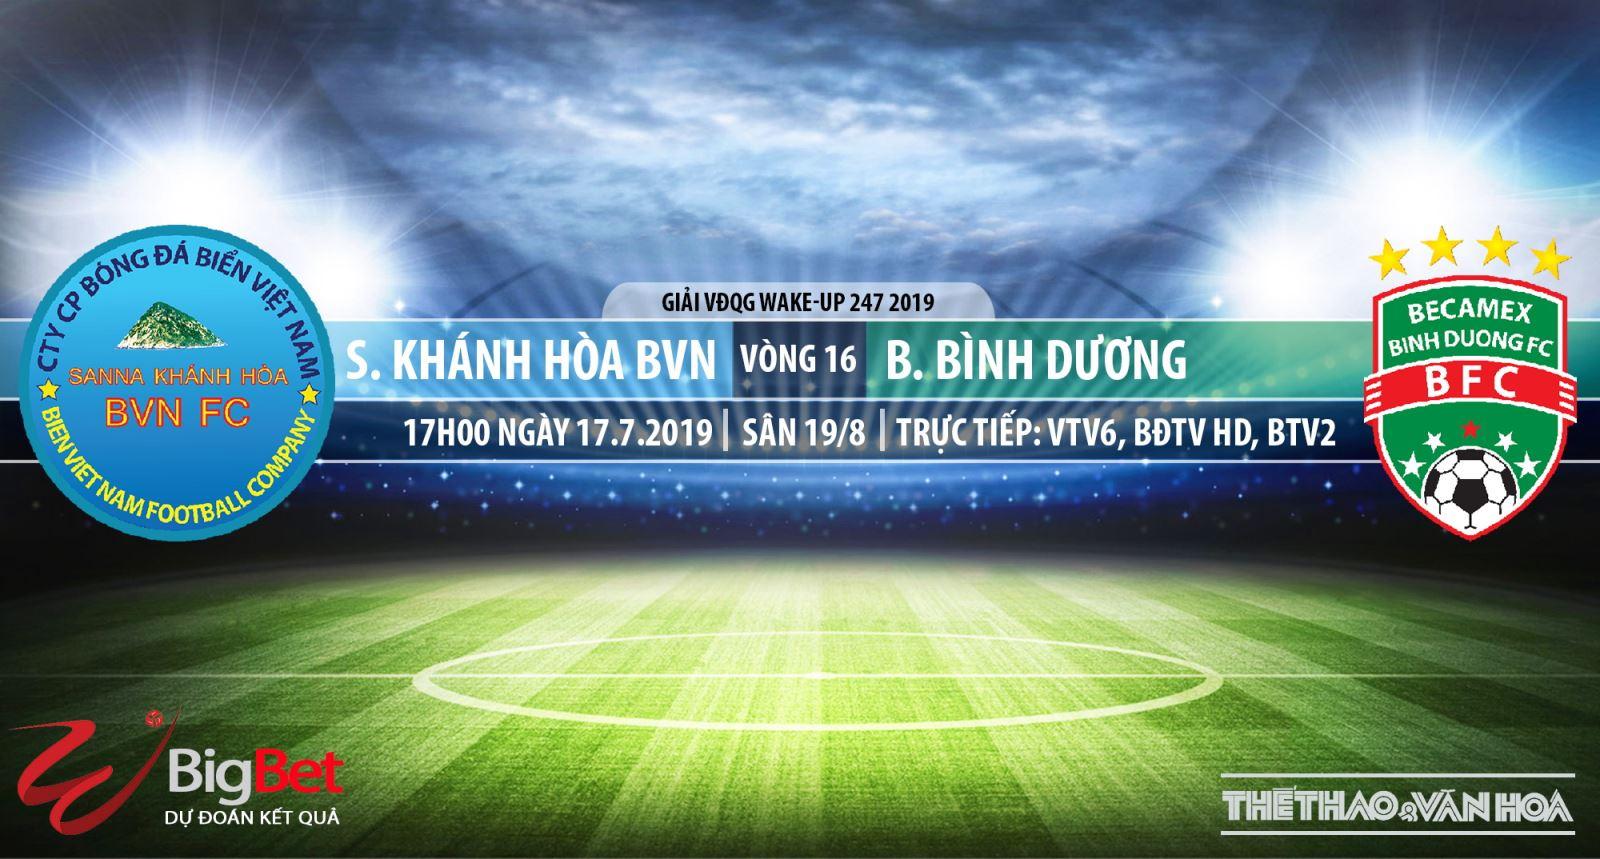 Trực tiếp bóng đá: Khánh Hòa vs Bình Dương (17h00, 17/07). VTV6, Bóng đá TV trực tiếp bóng đá